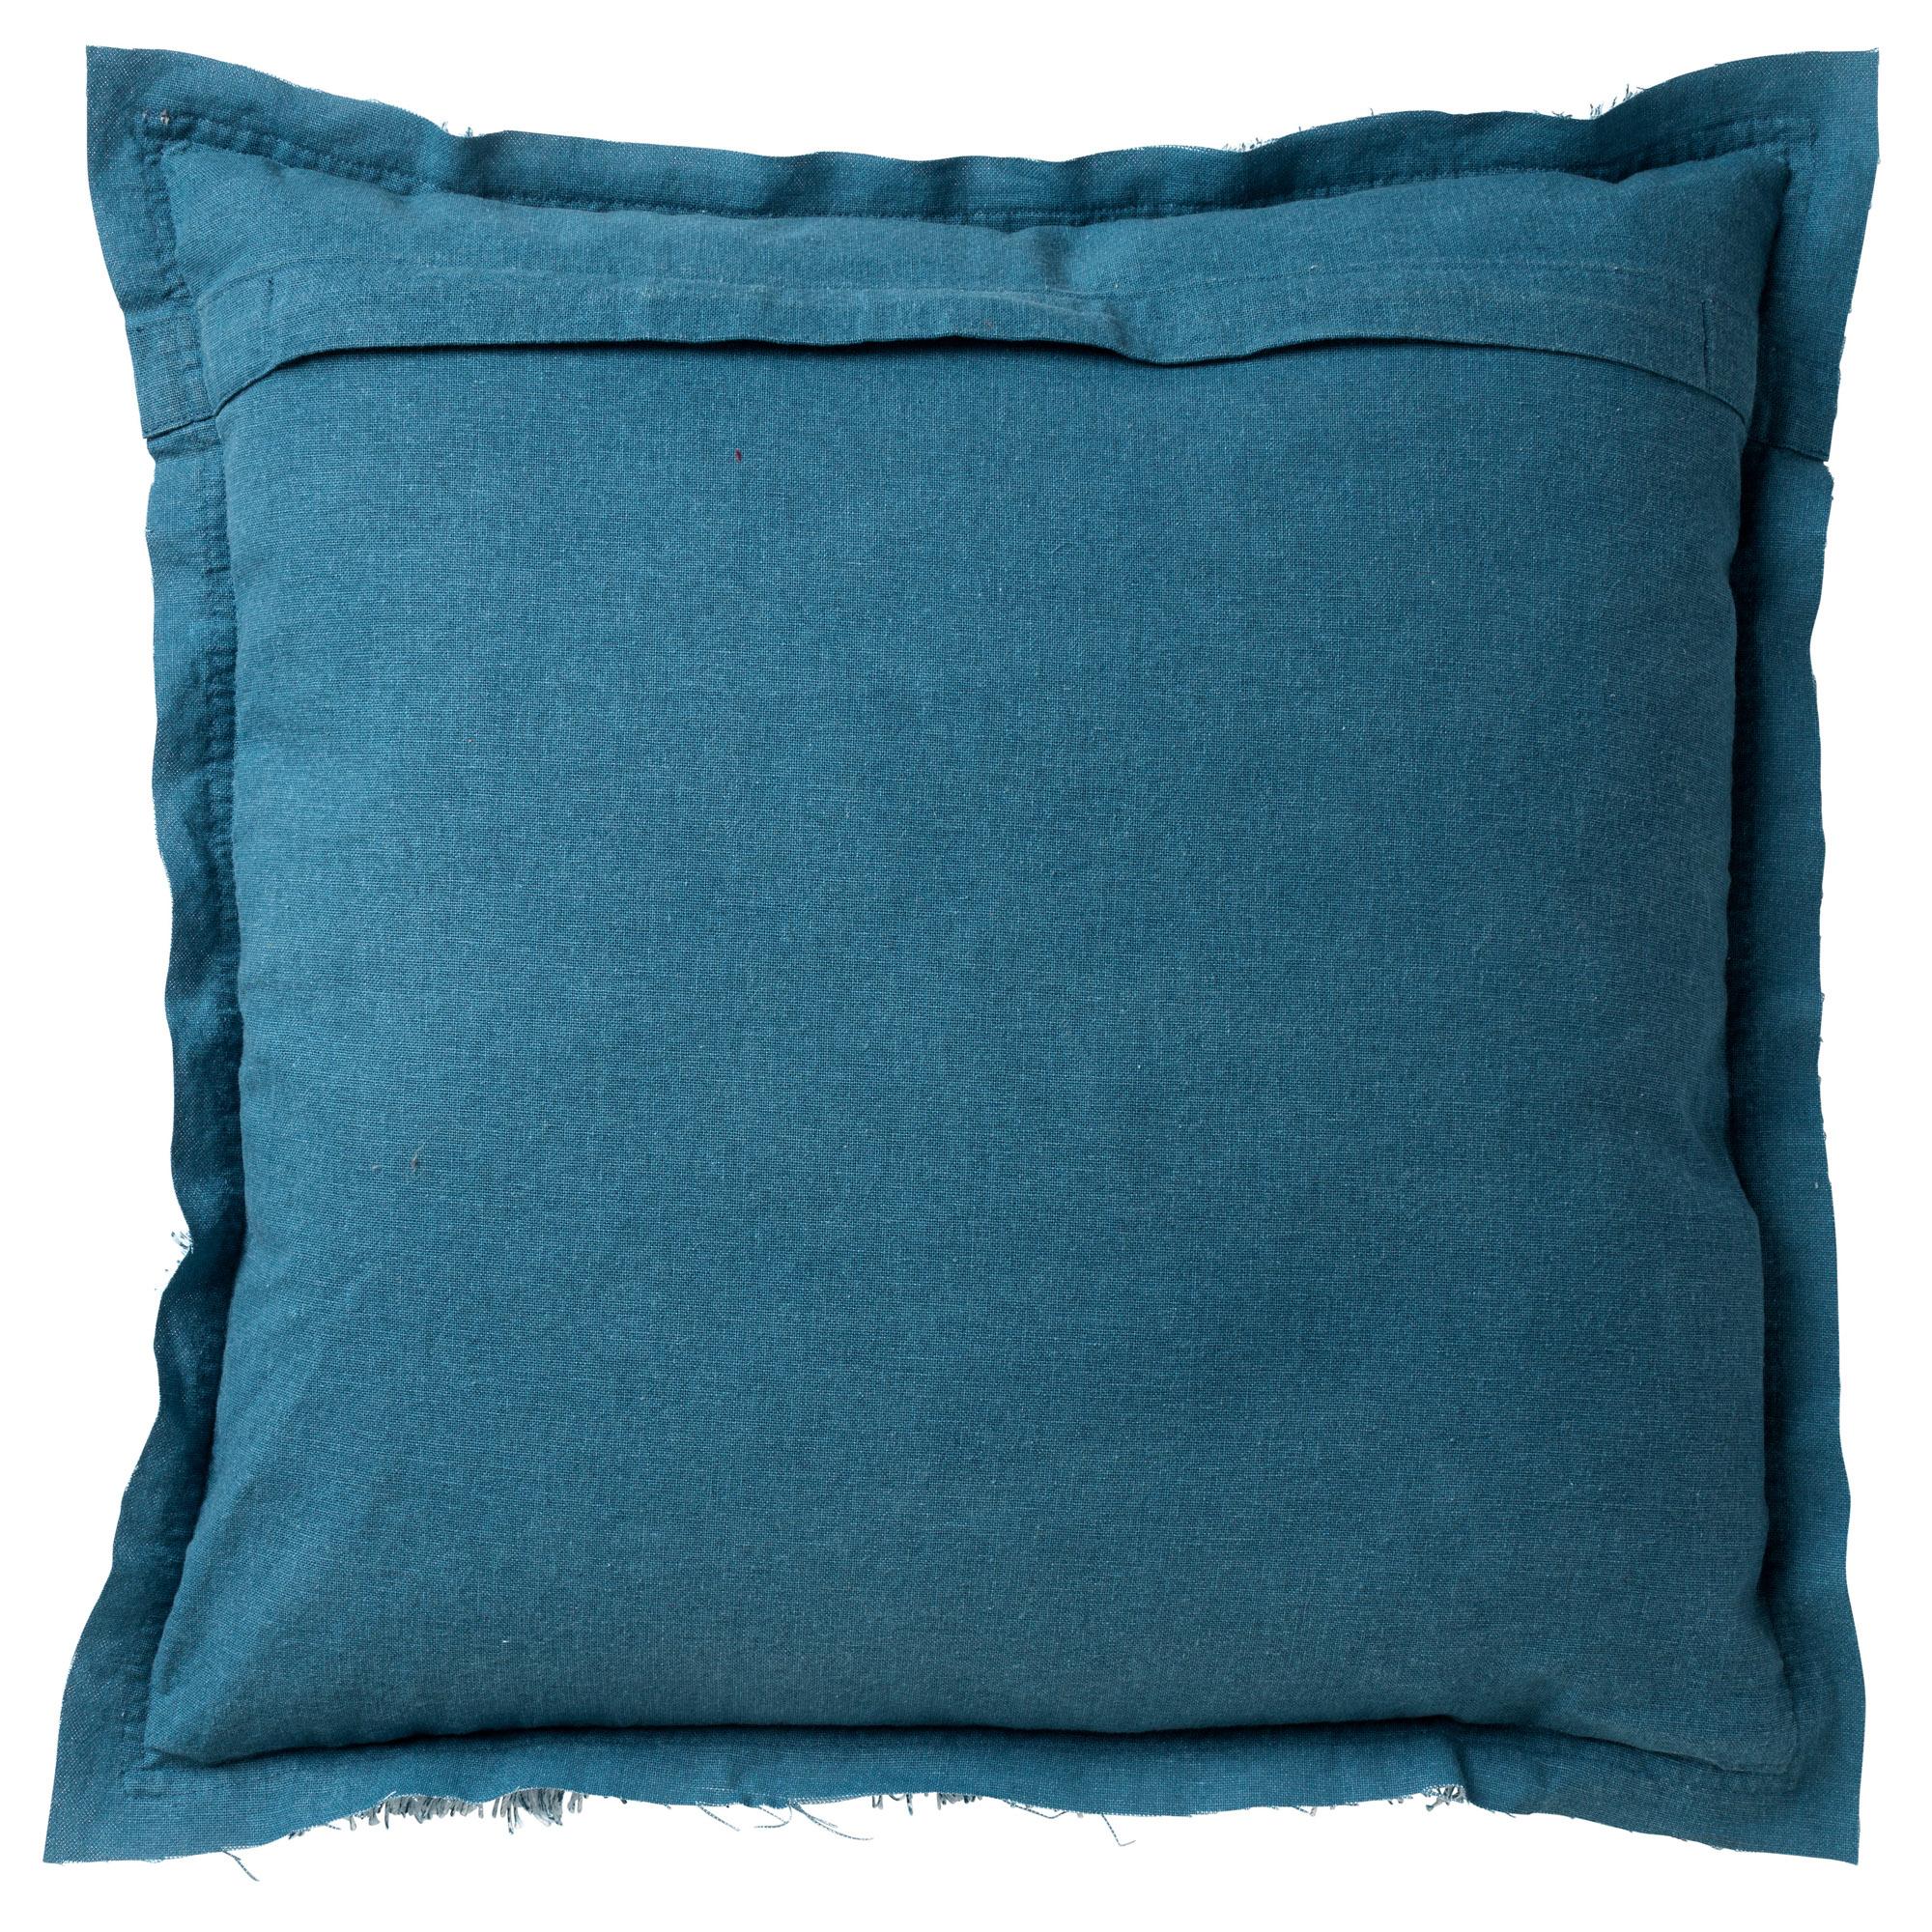 BURTO - Sierkussen van katoen Provincial Blue 45x45 cm